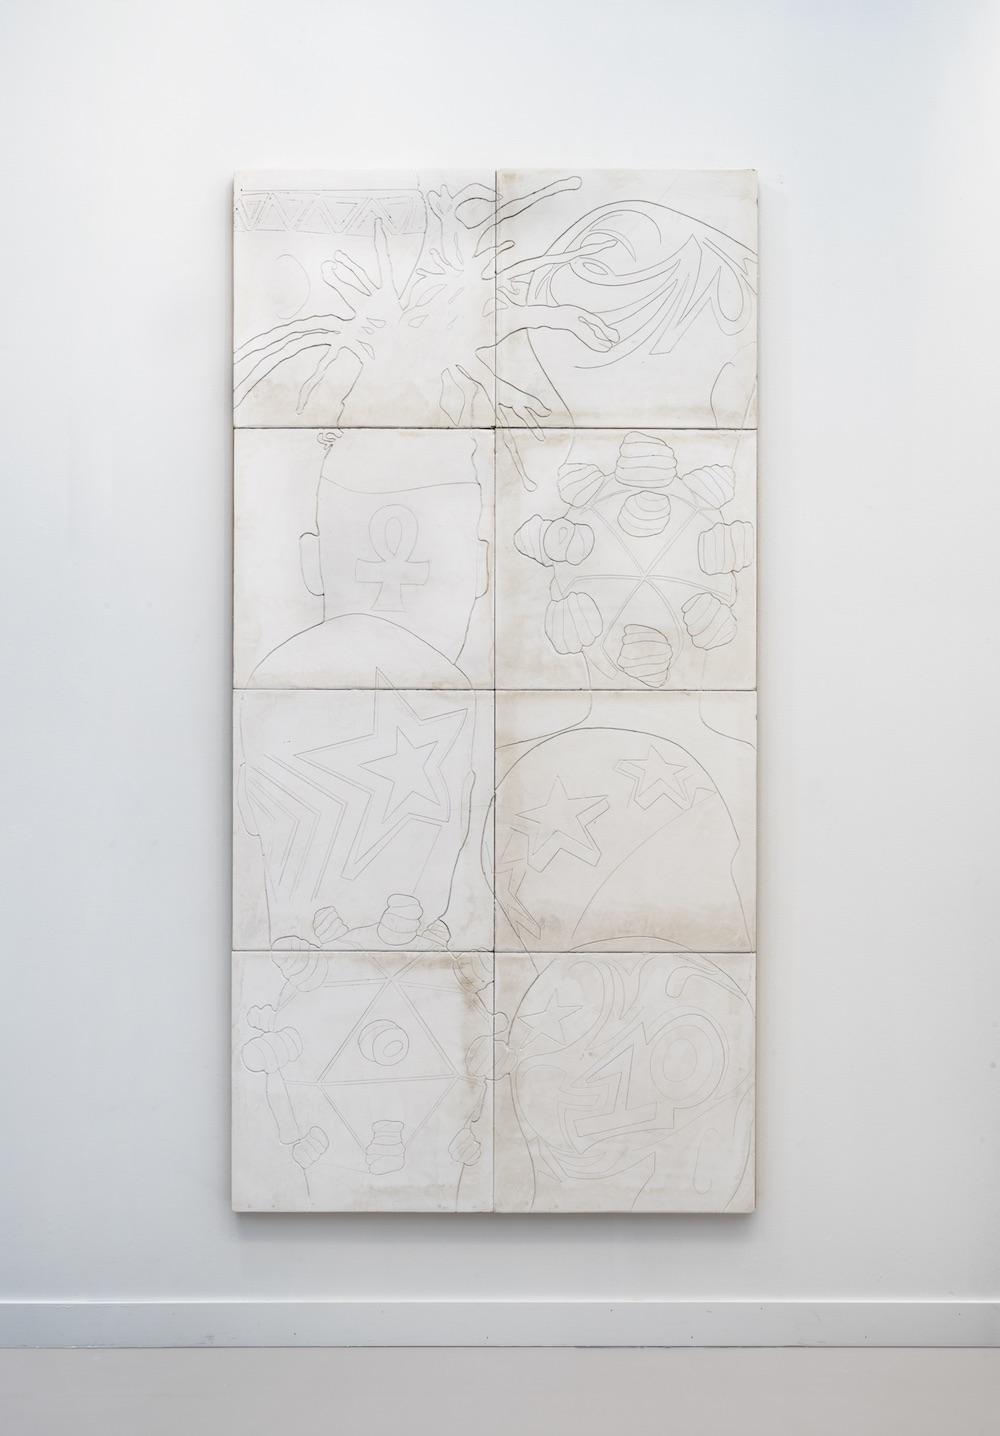 Lauren Halsey, Untitled, 2020 David Kordansky Gallery